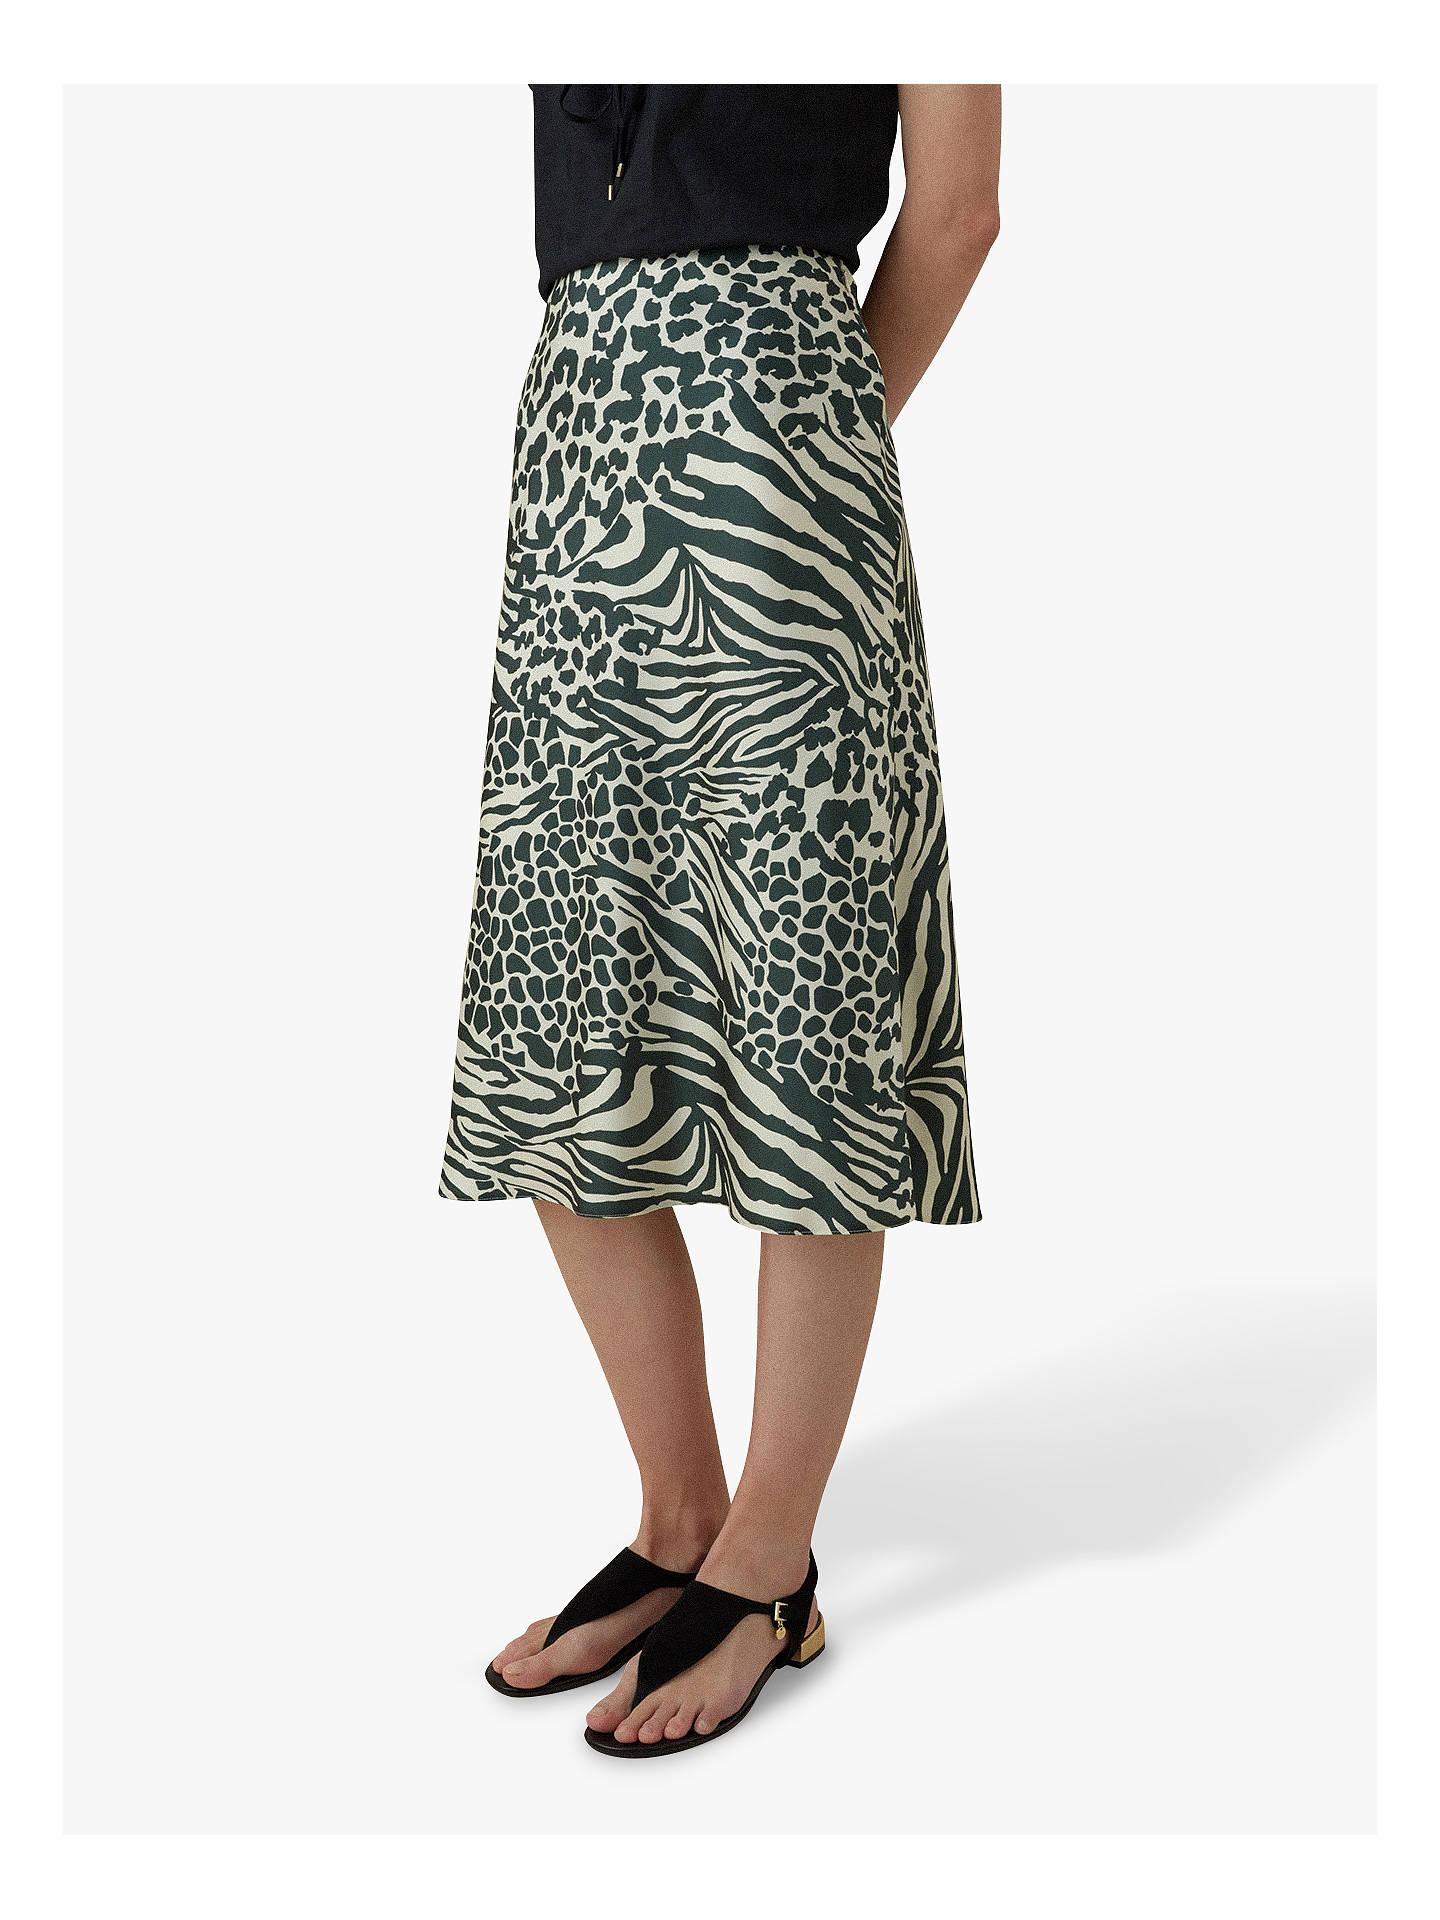 7fdd73755d Buy Karen Millen Animal Print Midi Skirt, Green/Multi, 6 Online at  johnlewis ...